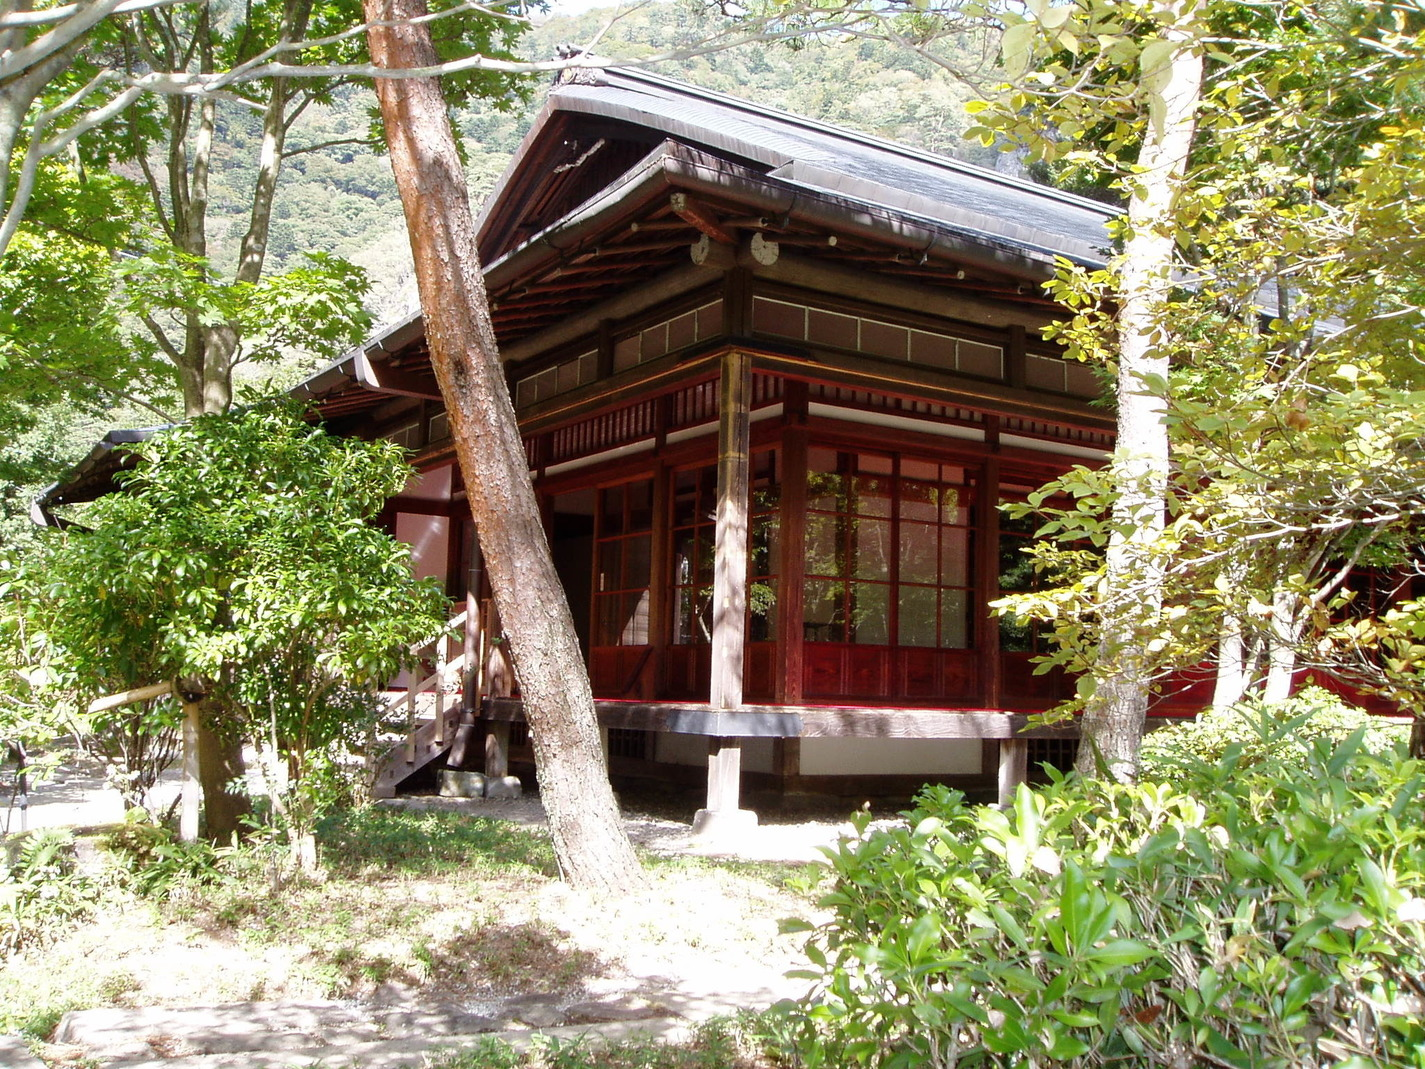 hukuwata hot spring